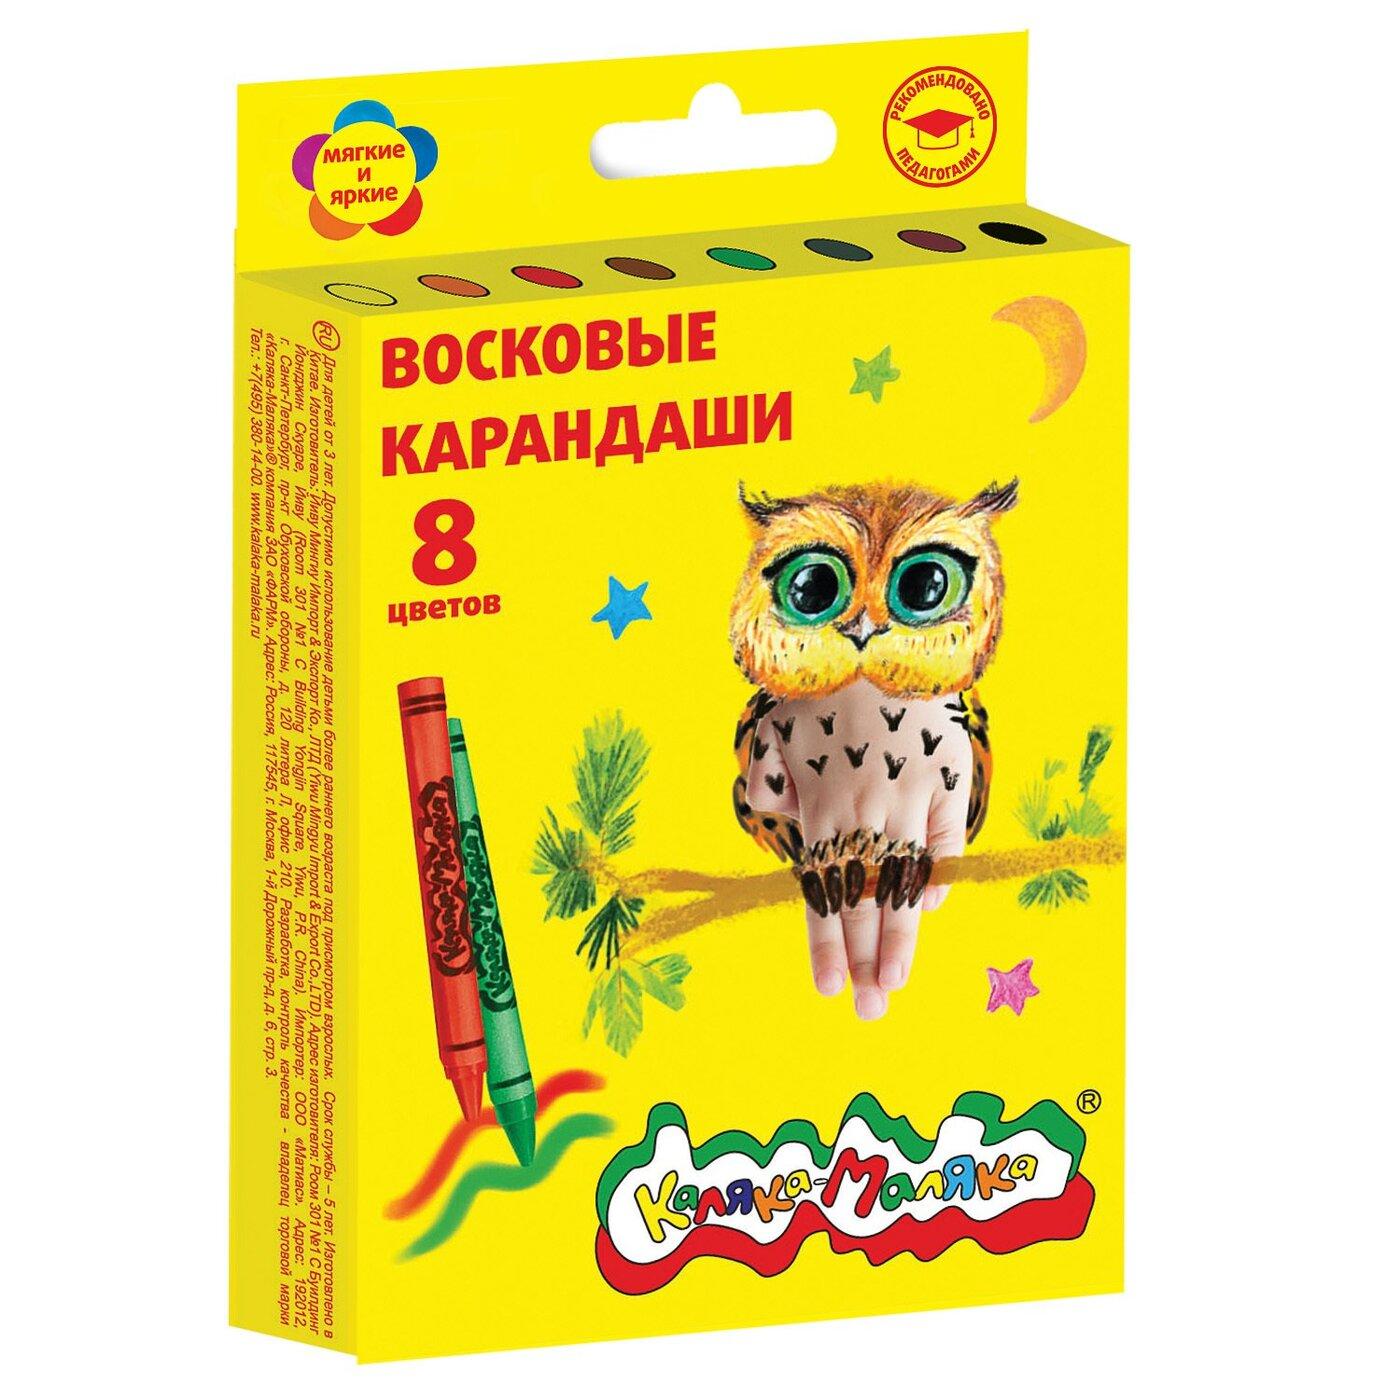 Набор воск. каранд. Каляка-Маляка 16 цв. круглые с заточкой